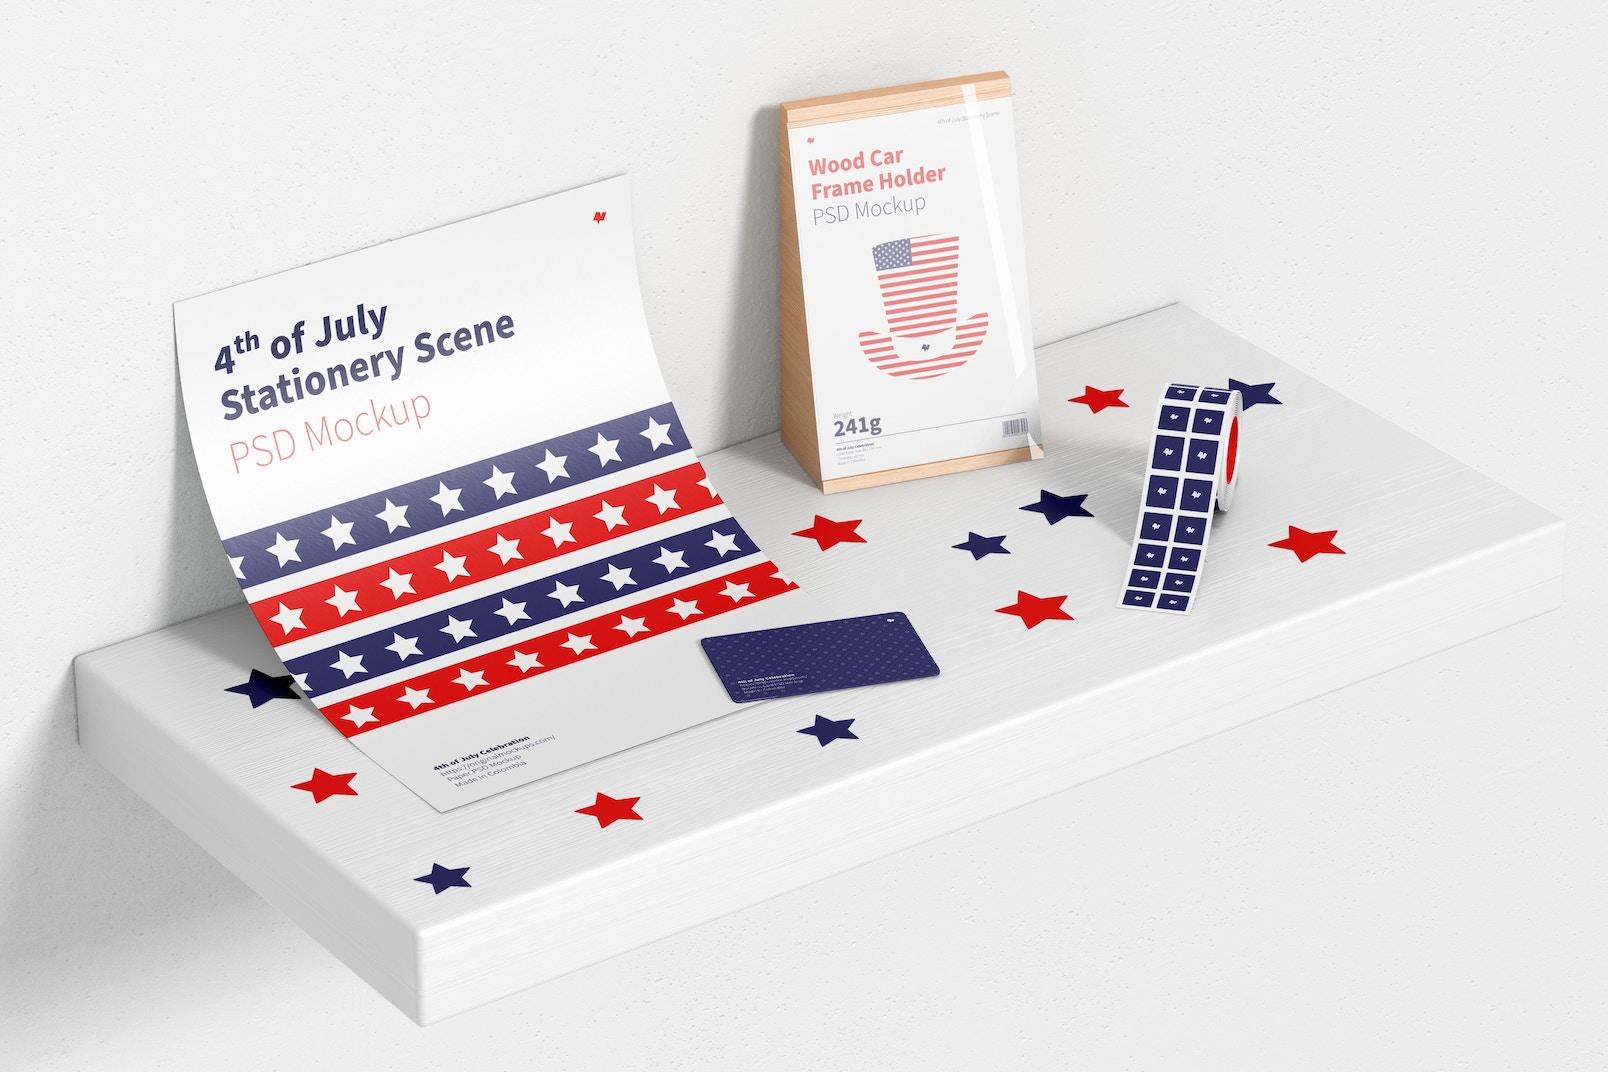 4th of July Celebration Stationery Scene Mockup